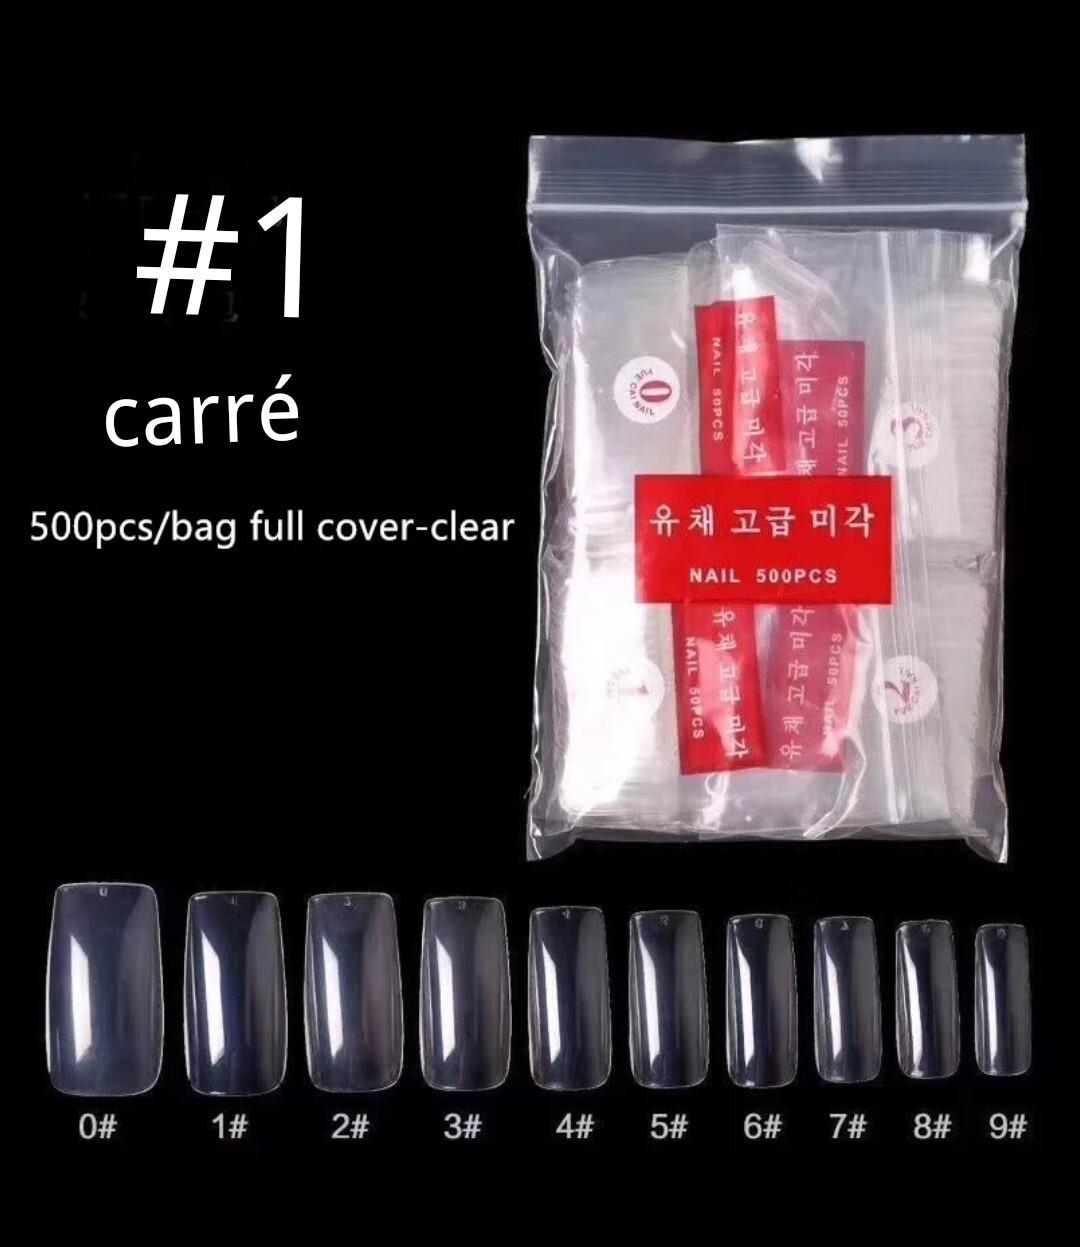 Prothèses pour ongles prêts à coller pqt de 500 (différents modèles)